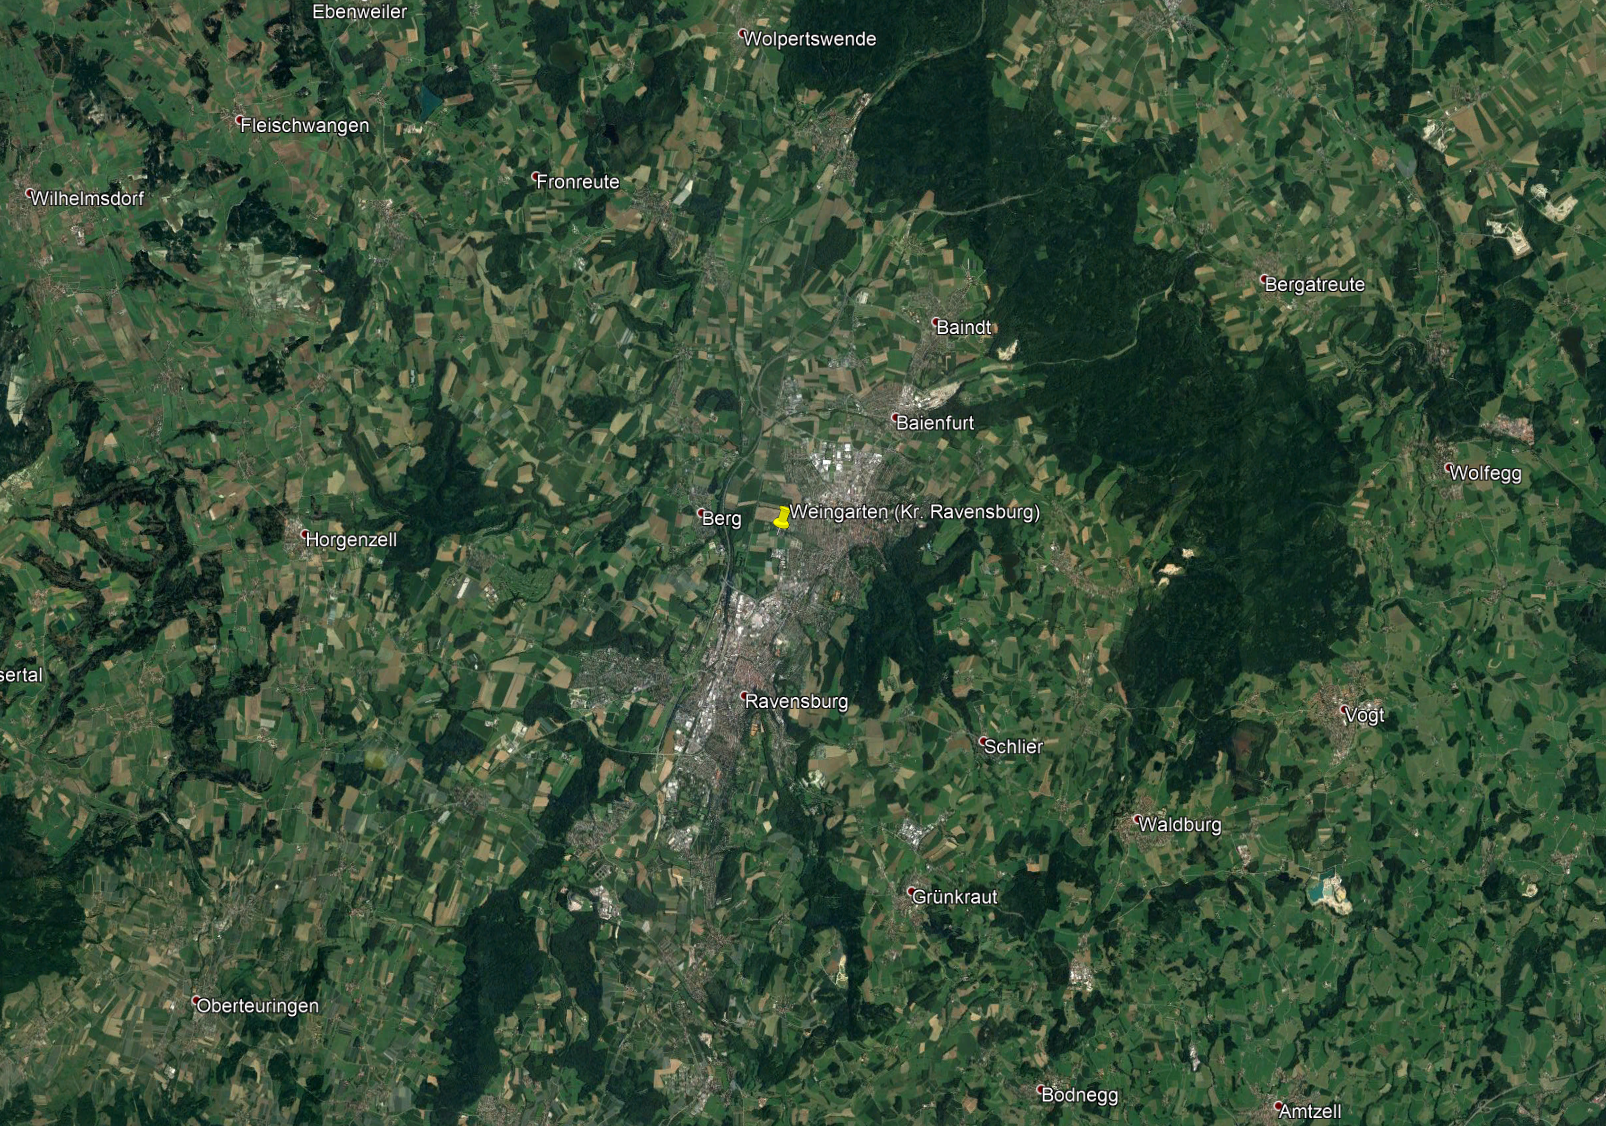 http://www.wetterstation-leutenbach.de/Bilder/weingarten1.png